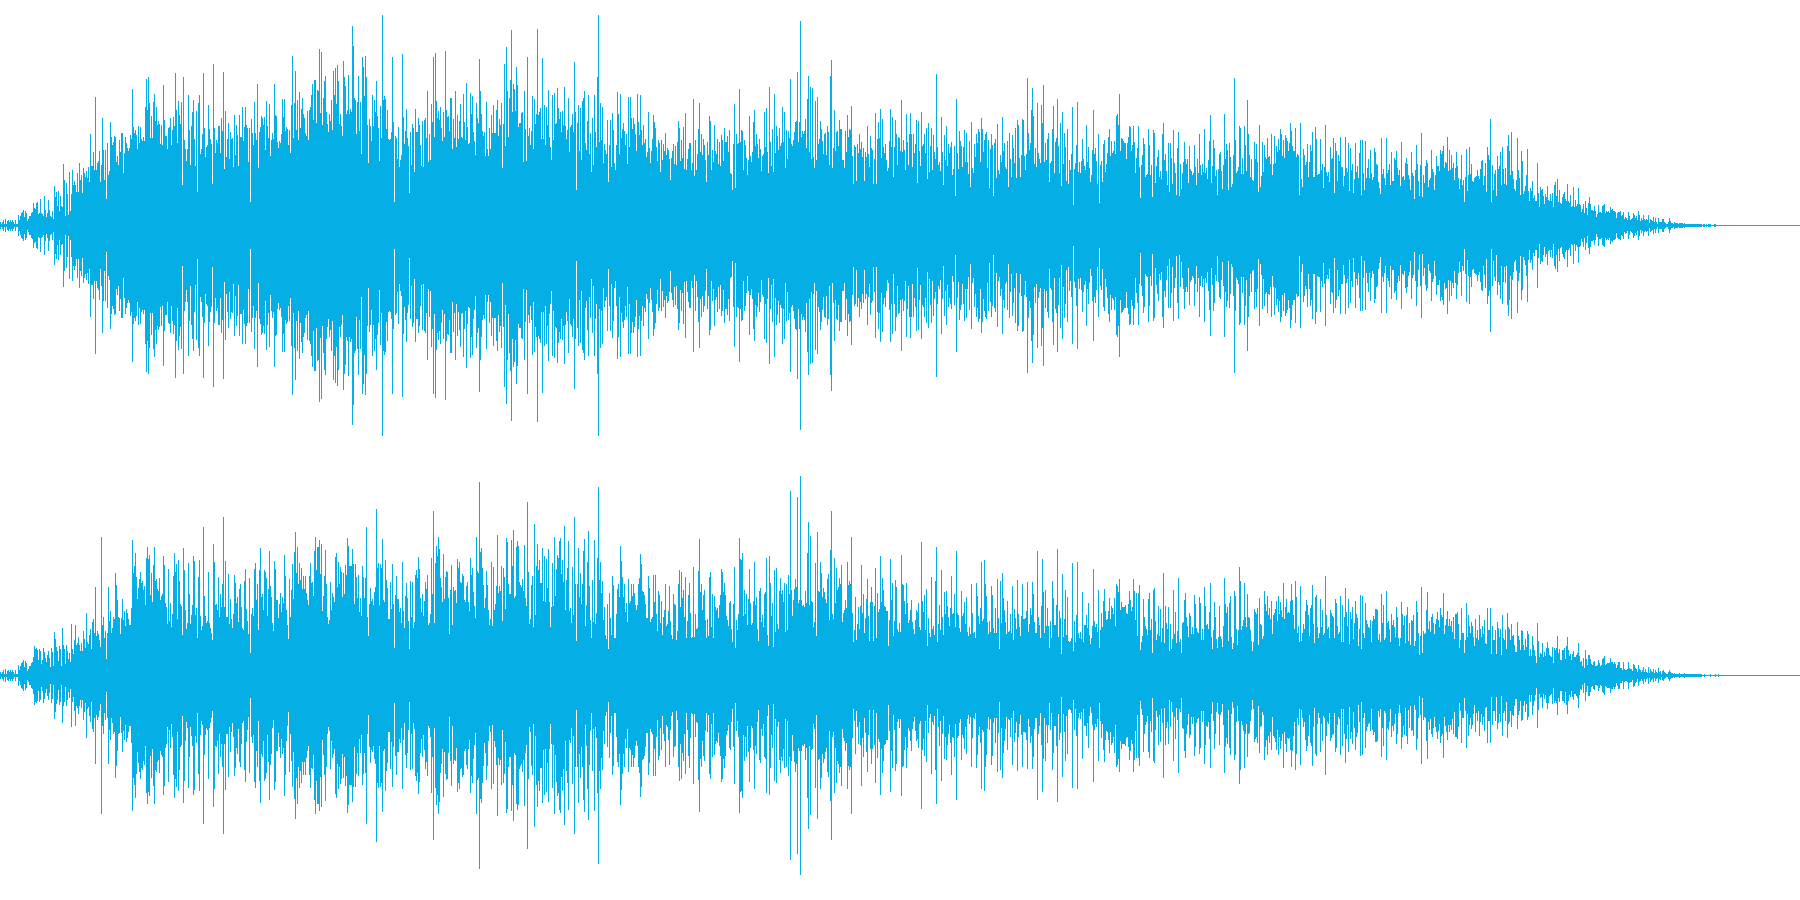 自然破壊をテーマにした楽曲の再生済みの波形